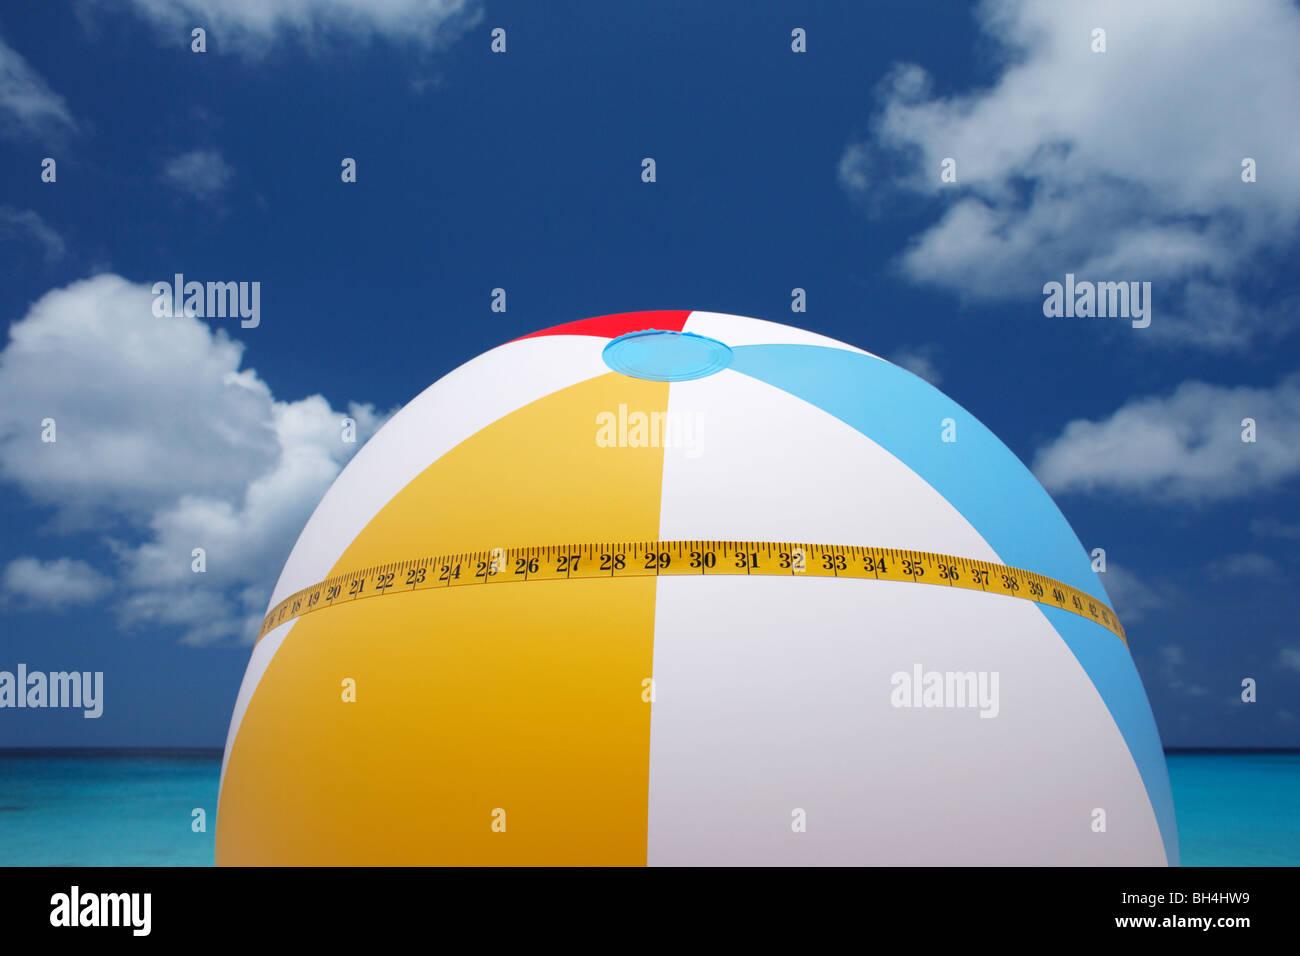 Un ruban de mesure enroulée autour d'un ballon de plage gonflable aux couleurs vives à l'encontre Photo Stock